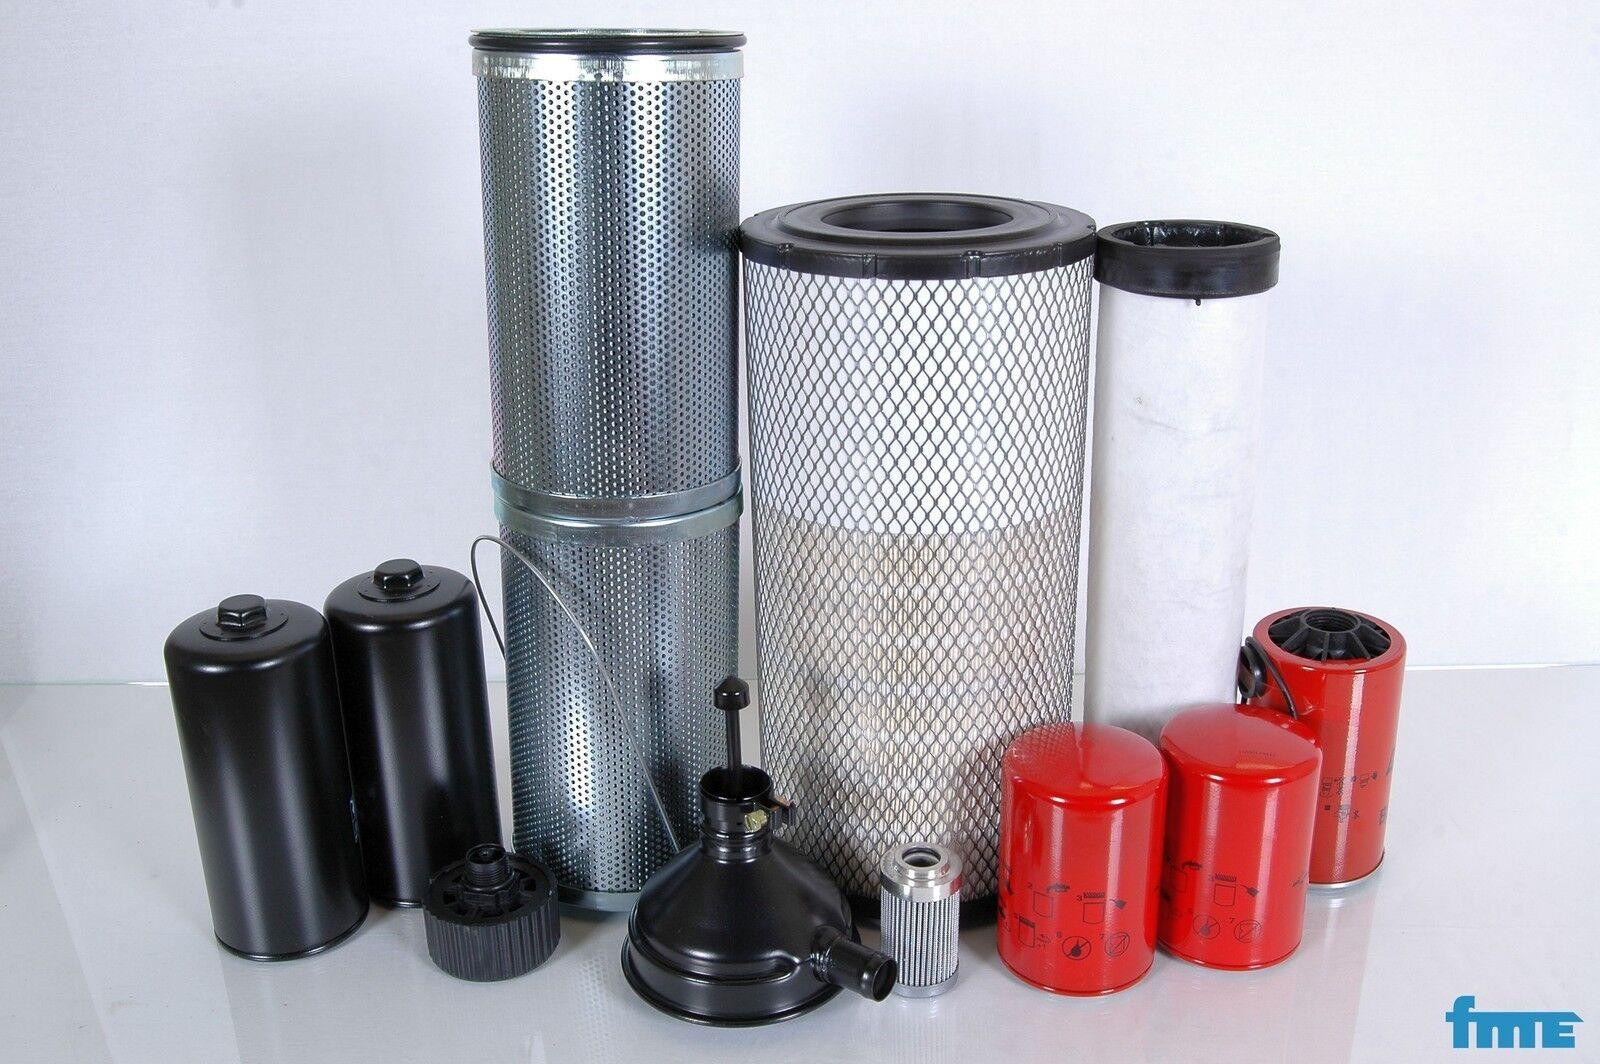 Baumaschinenteile & Zubehr , Baugewerbe , Business & Industrie